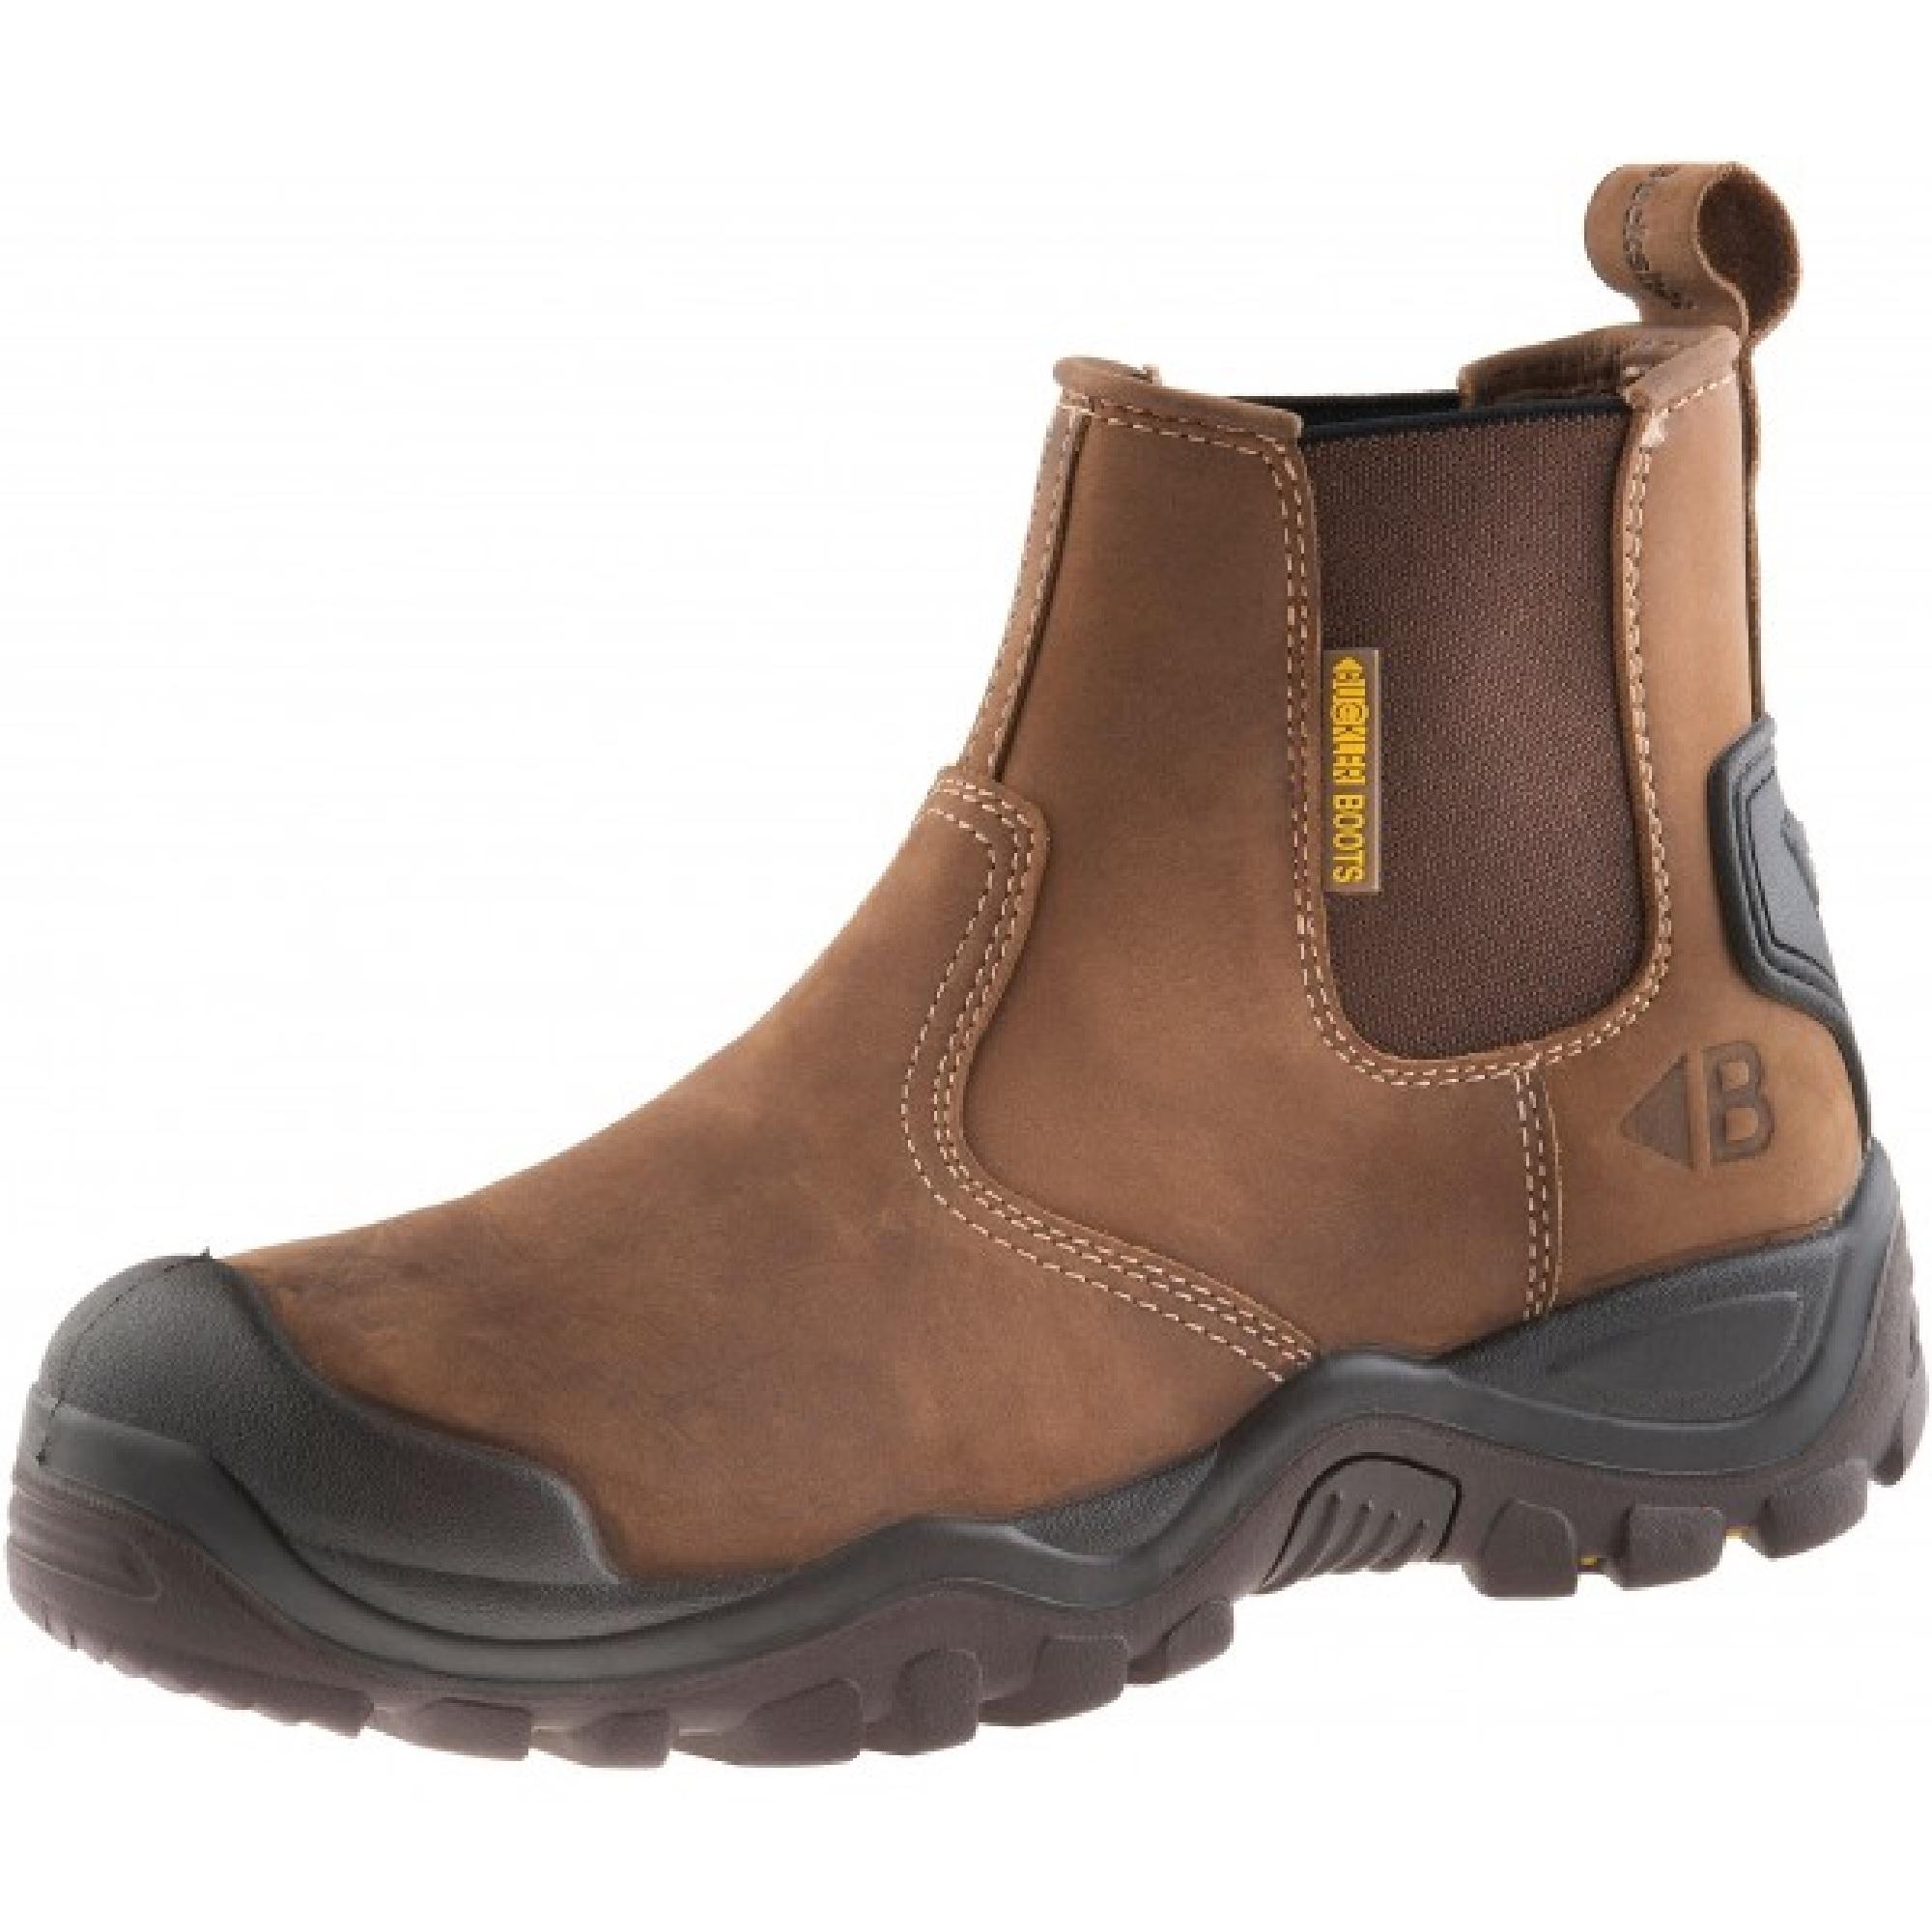 Dark brown leather Buckler BSH006BR safety dealer boot with Buckler branding on side heel and Buckler logo on stretch gusset